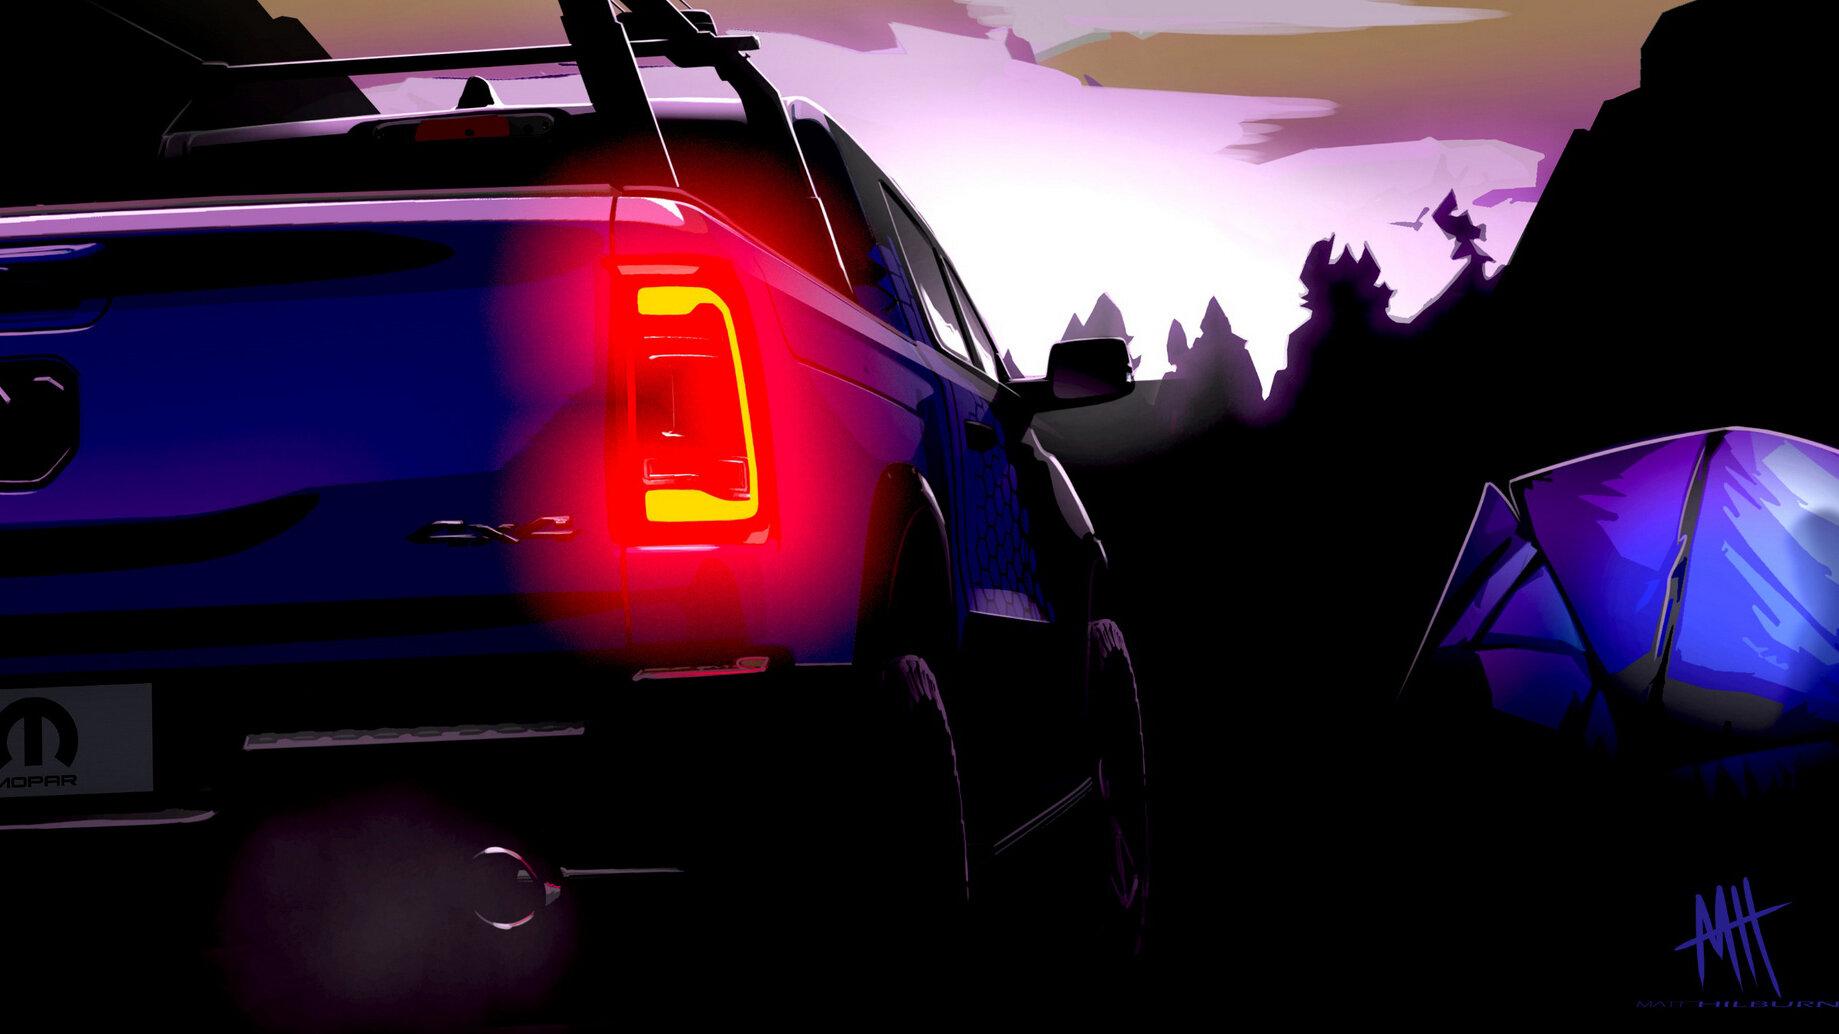 Stellantis поделился пятью тизерами моделей, которые Mopar покажет в этом году на шоу SEMA. На изображениях продемонстрированы три Джипа и пара Рэмов, предназначенных для разных условий езды, причём минимум два шоу-кара будут гибридами, а один вдохновлён военной историей марки Jeep.